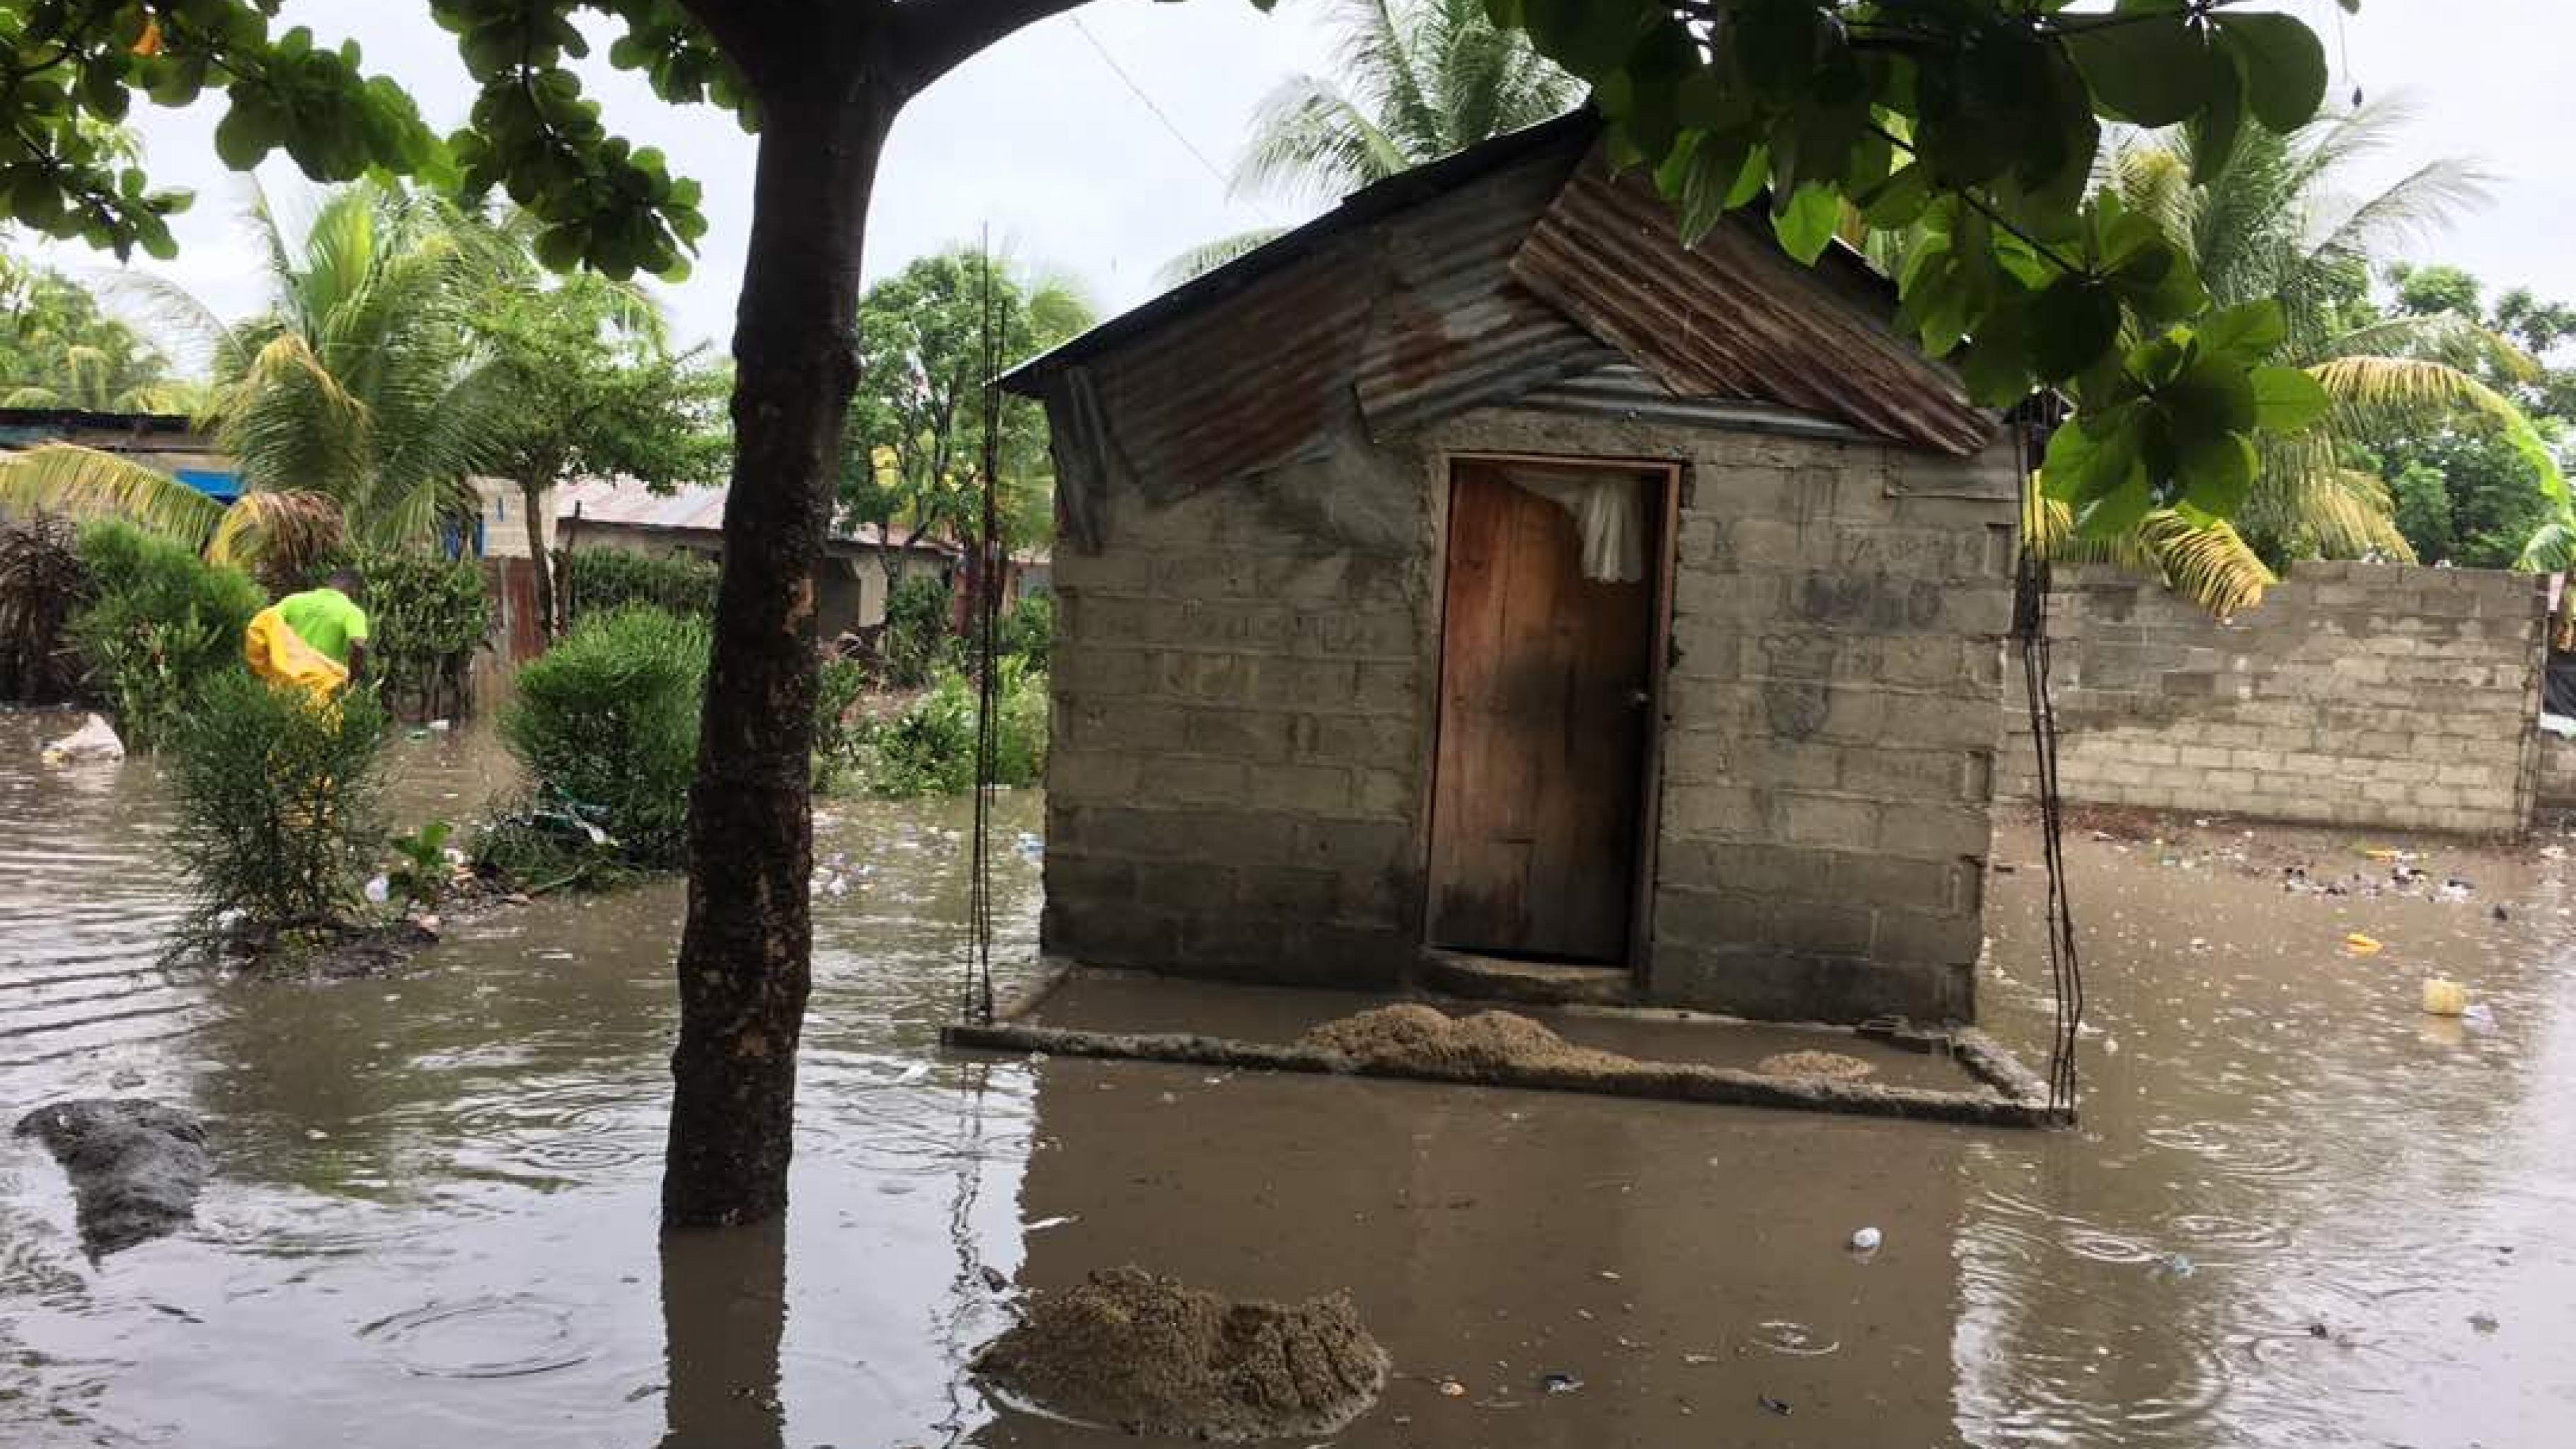 Ein Haus mit Wellblechdach in einem überschwemmten Gebiet